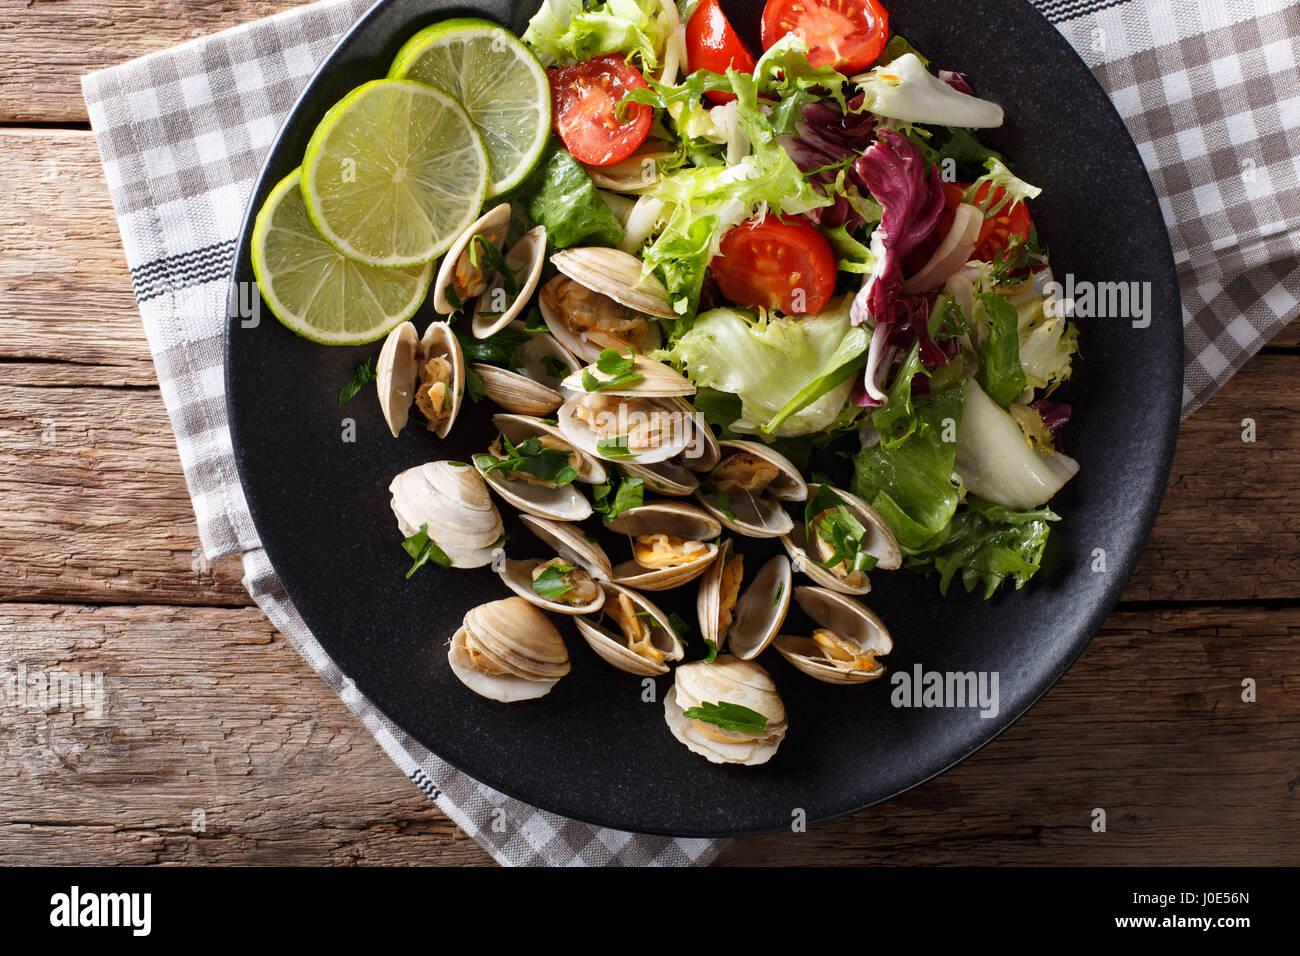 Palourdes fines avec de la chaux et de la salade de légumes frais sur une plaque. Vue du dessus horizontale Photo Stock